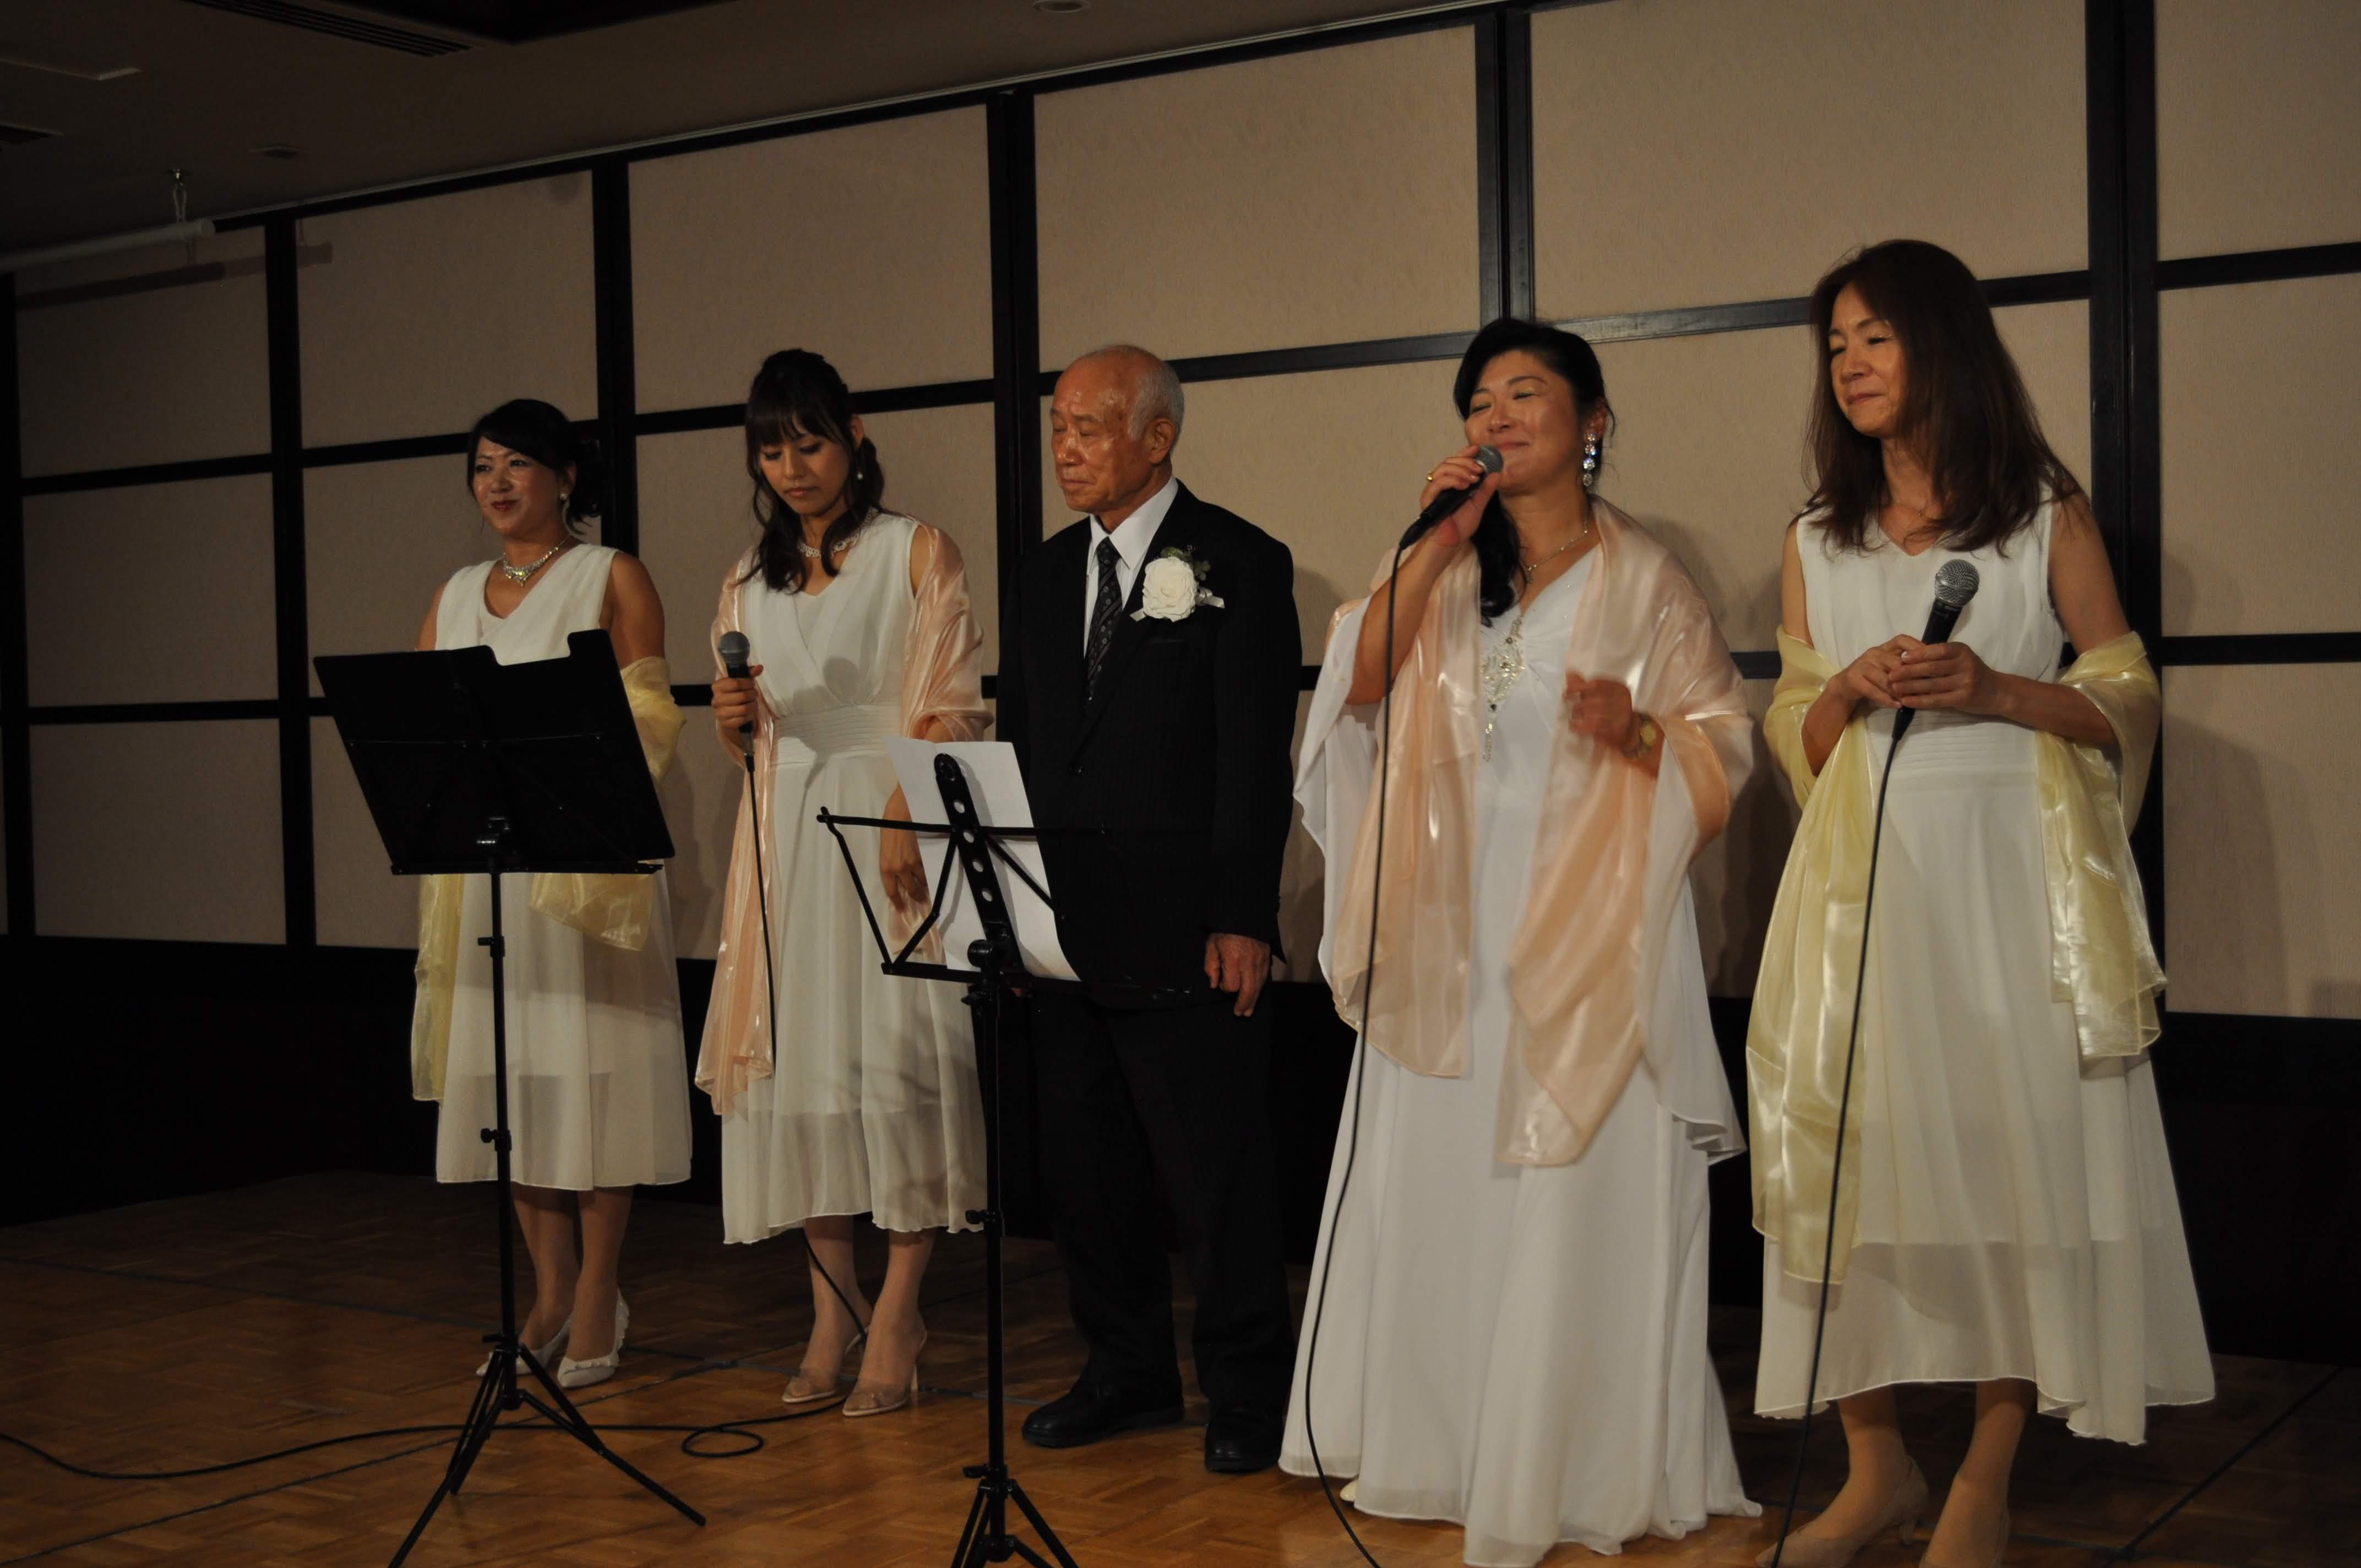 DSC 0519 1 - 思風会全国大会in広島